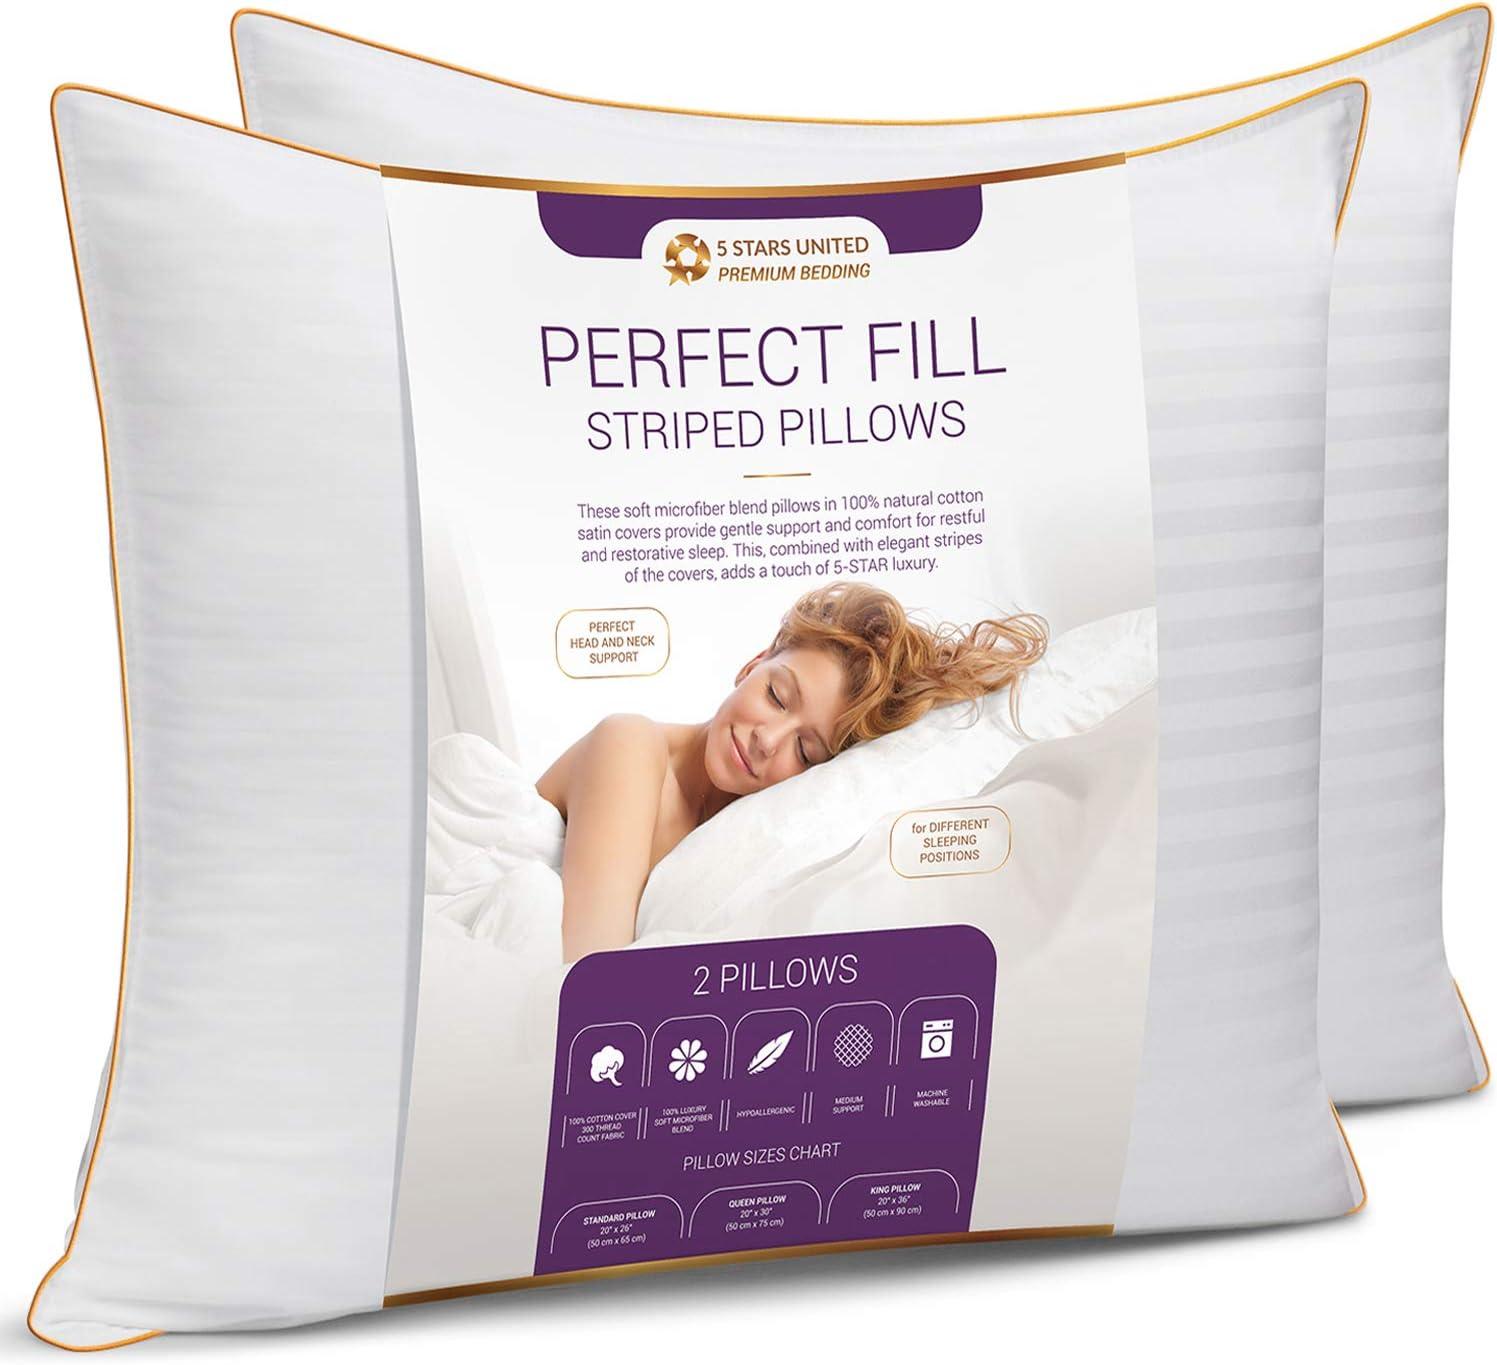 Super Soft Fiber Fill - Striped Satin Cotton Covers